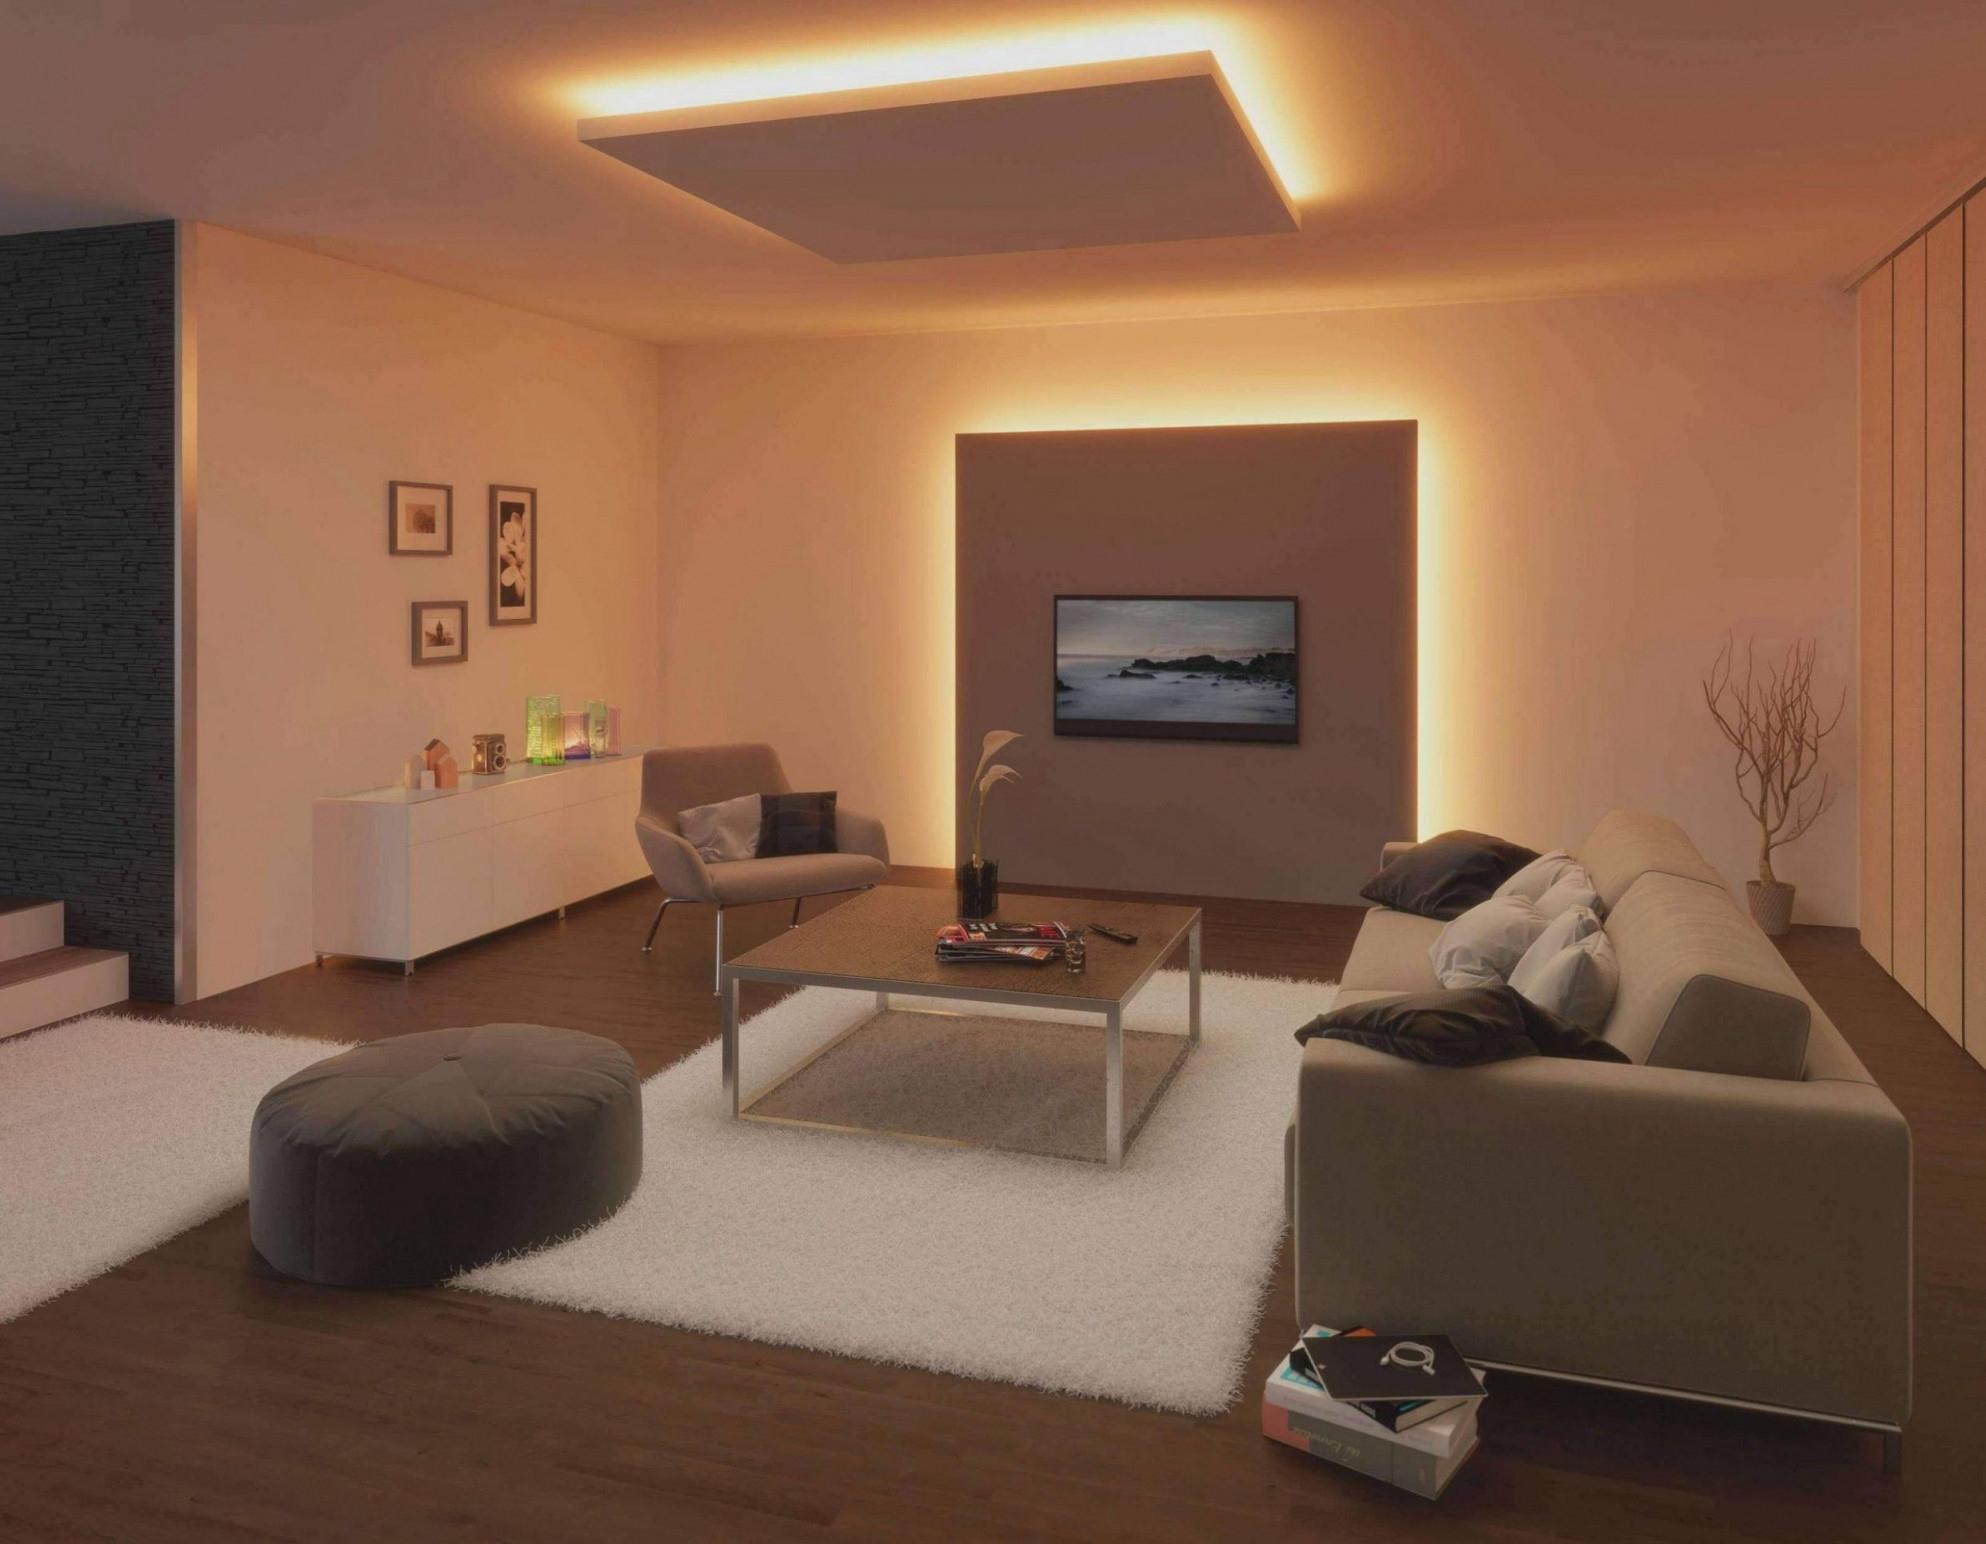 13 Raumteiler Schrank Wohnzimmer In 2020  Deckengestaltung von Moderne Deckengestaltung Wohnzimmer Bild